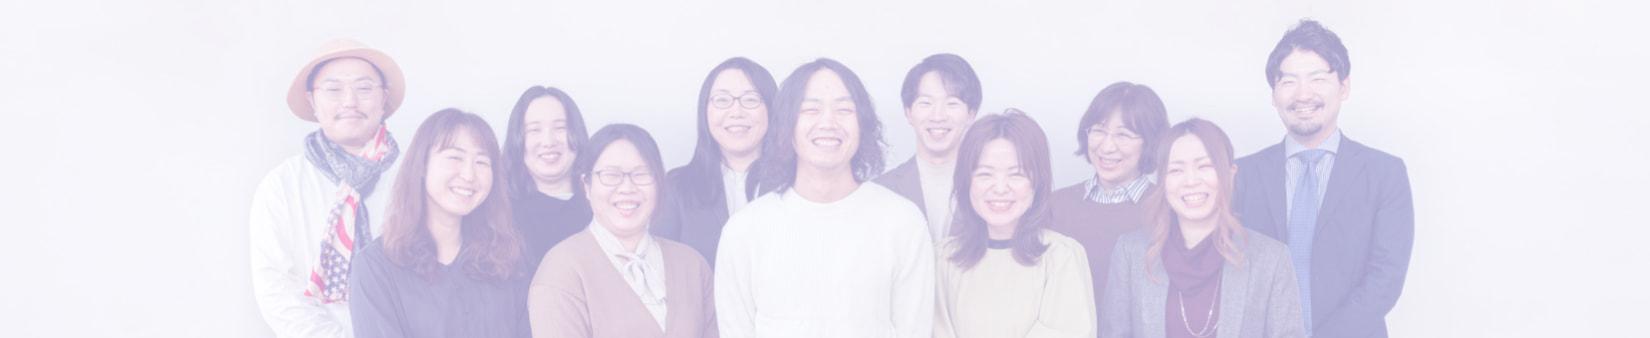 株式会社ハタフル メンバー